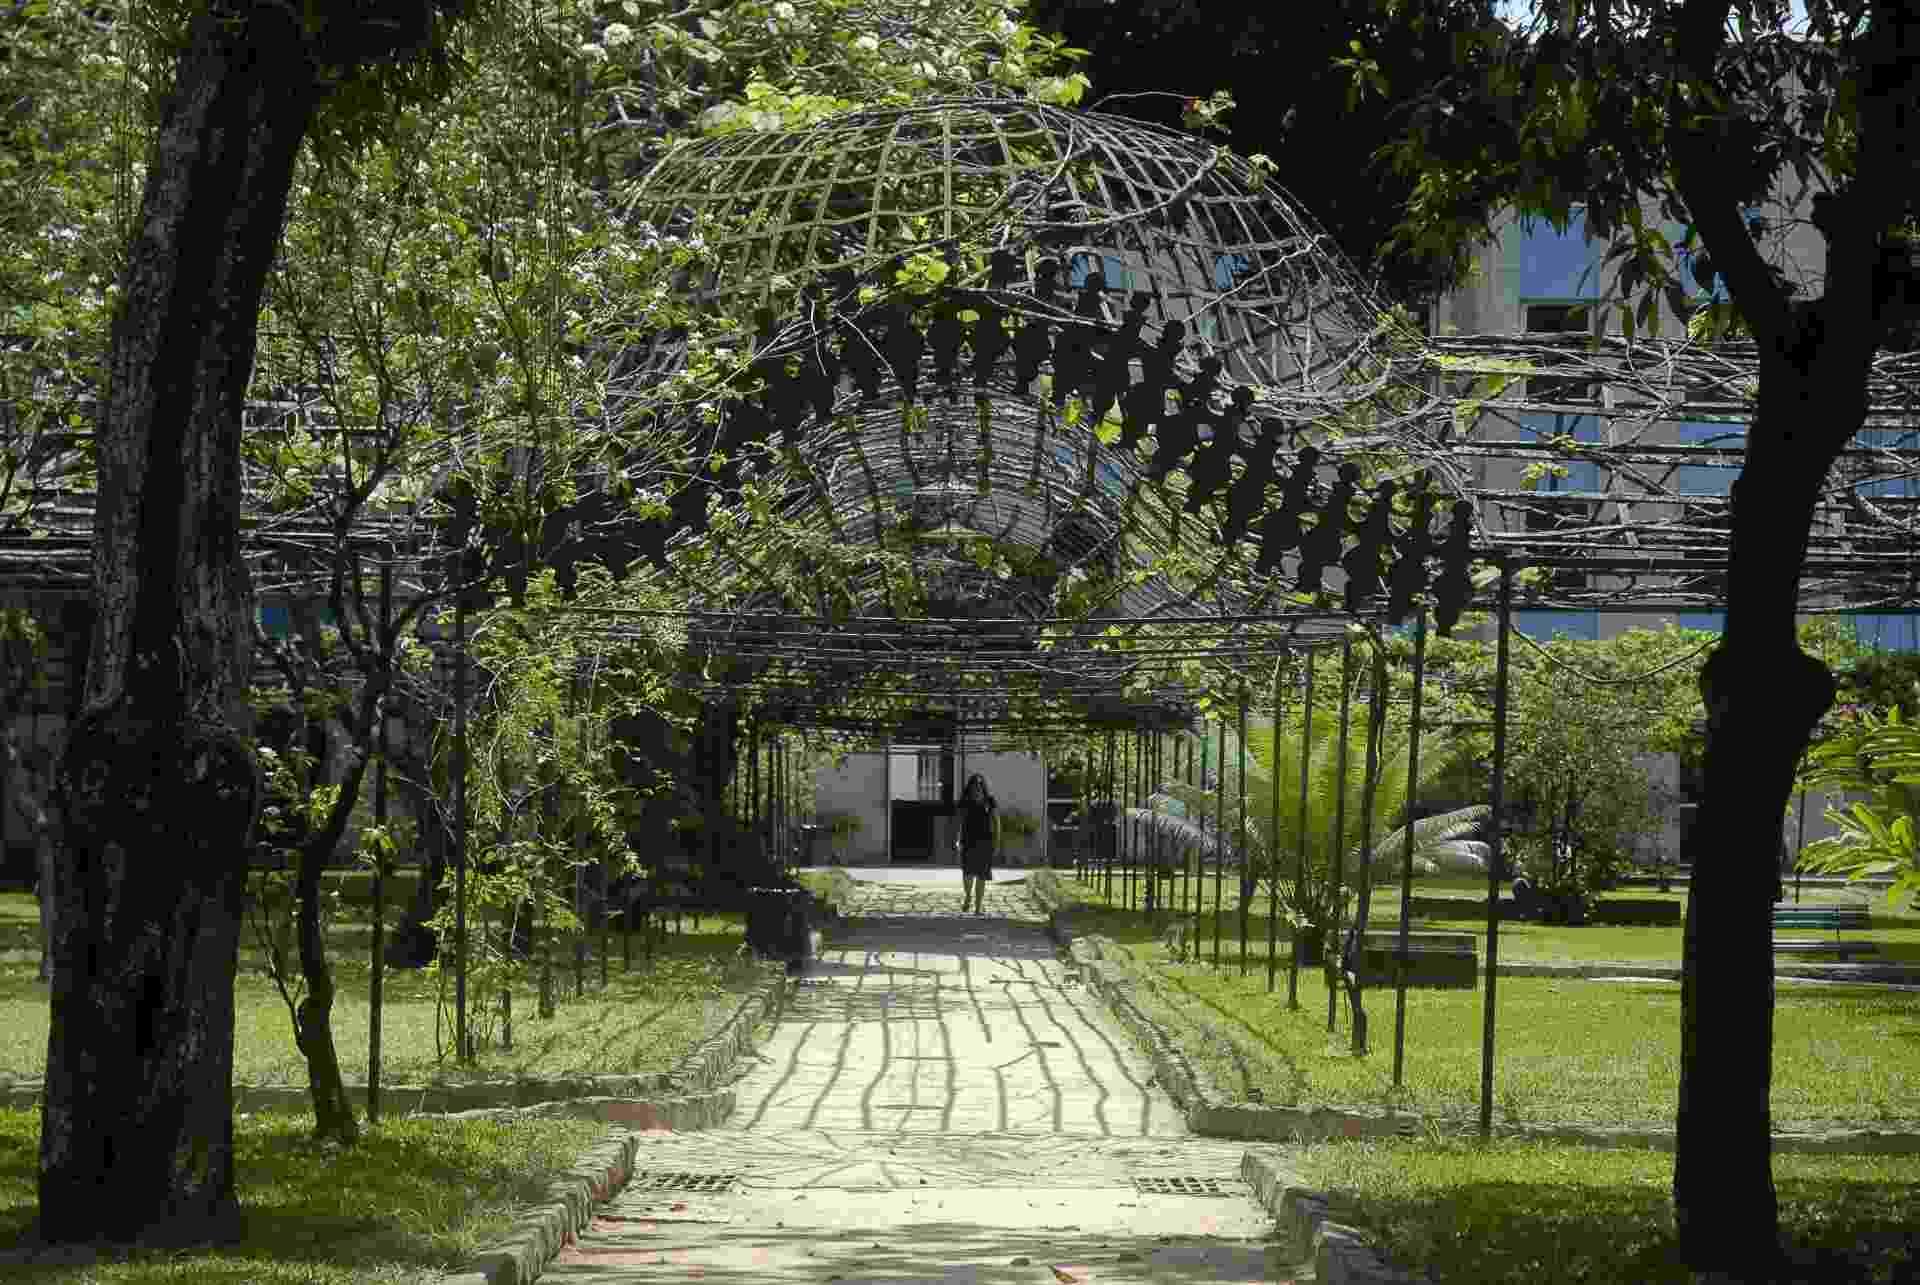 7.nov.2012 - A Fundação Casa de Rui Barbosa vai revitalizar o jardim histórico de 9.000 metros quadrados do museu, que fica em Botafogo, na zona sul do Rio de Janeiro - até 1923, o local era a residência do baiano Rui Barbosa. As parreiras se enroscam na estrutura metálica da pérgula - o eixo central tem 40 metros de comprimento -, área que fica na parte posterior da casa - Tânia Rêgo/ABr